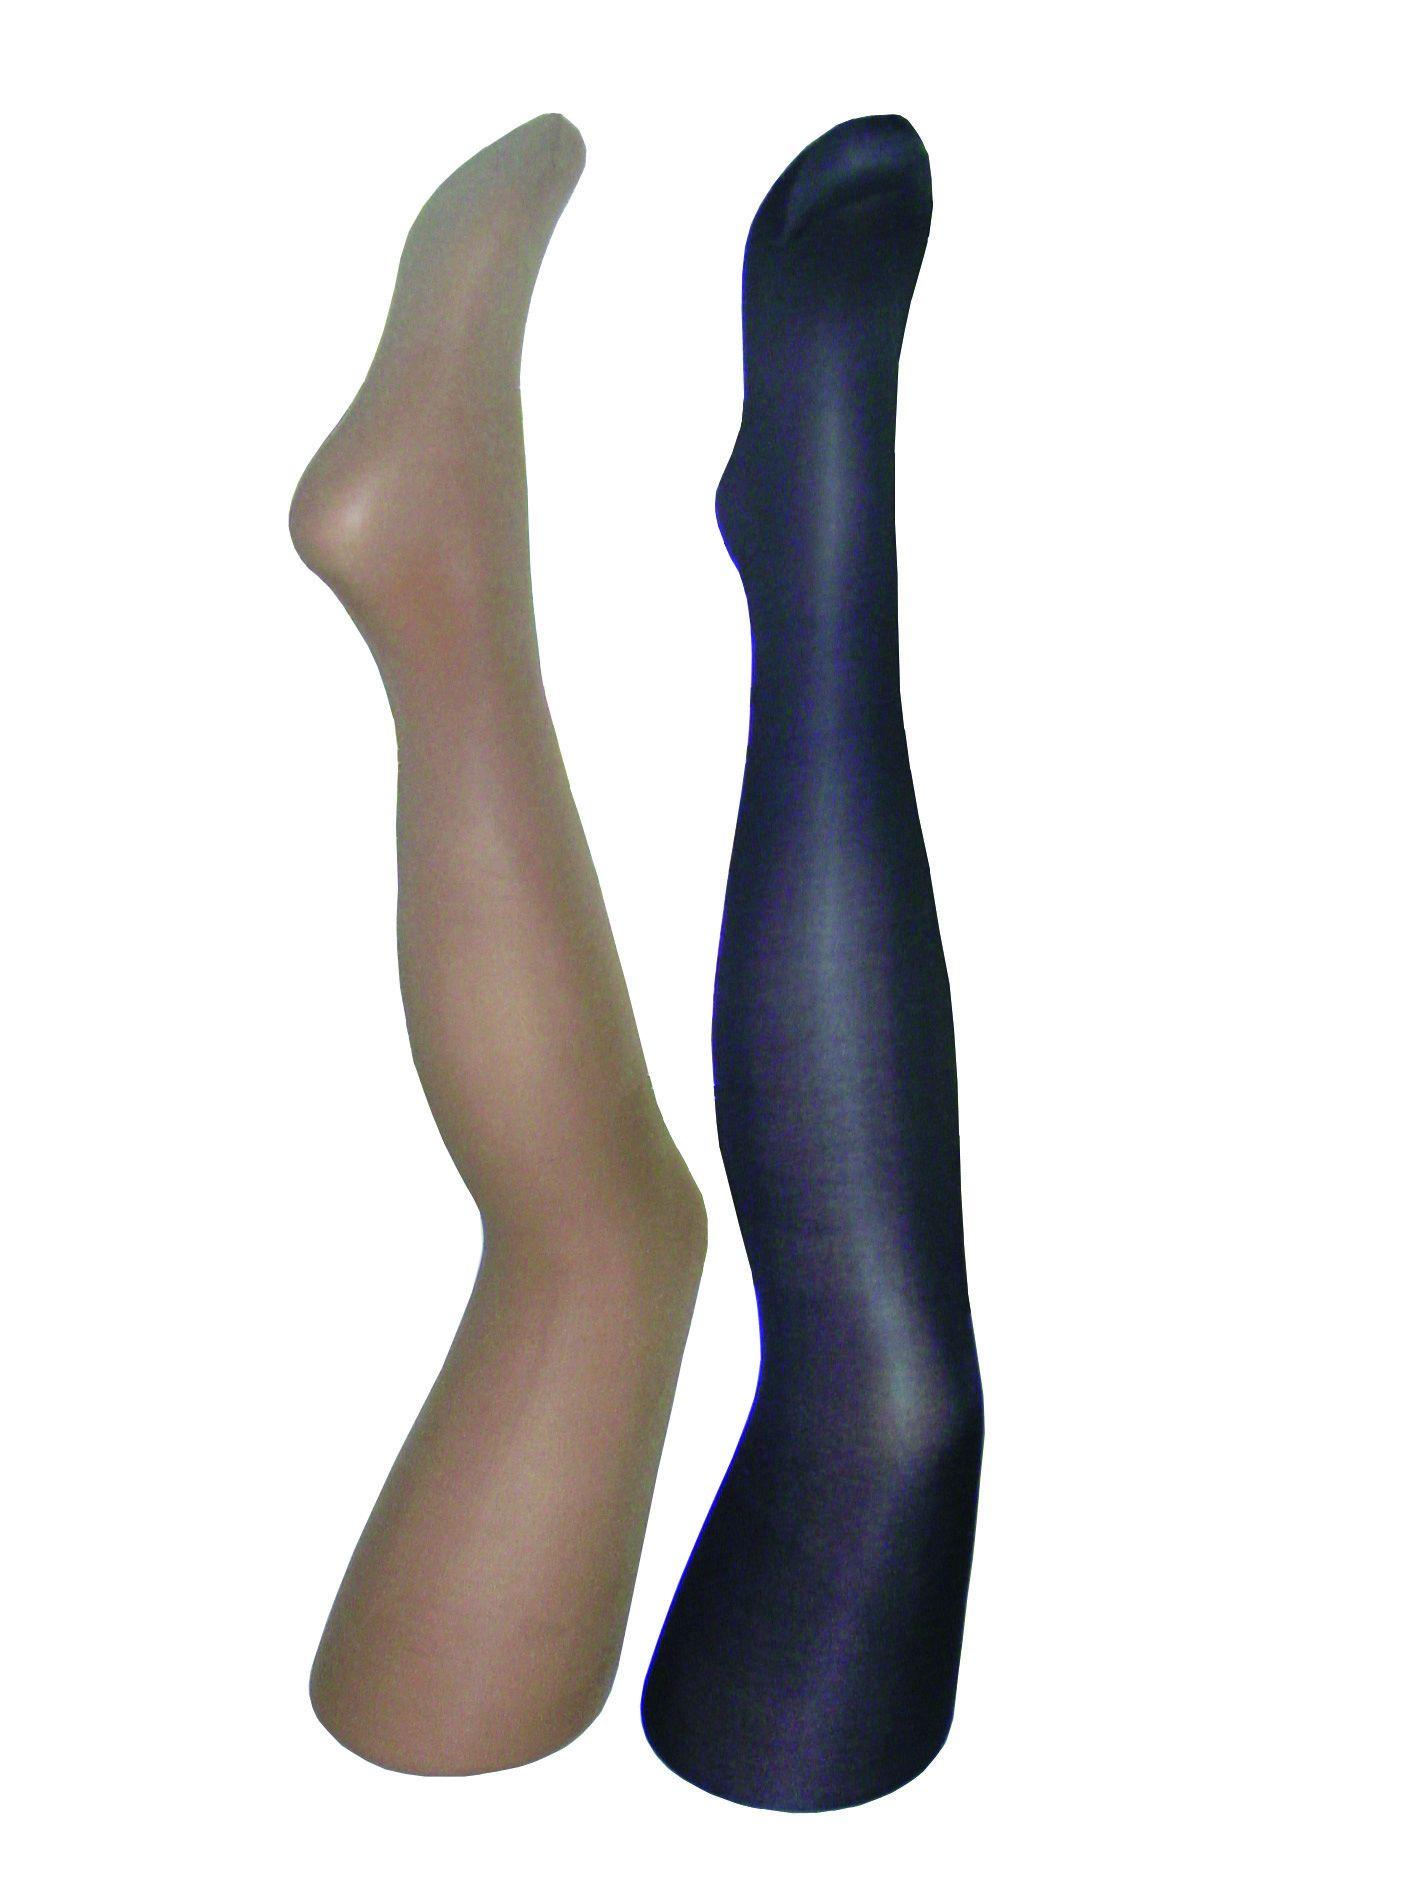 Vip Domotec Italia Articoli Pulizia.50 Collant Bio Ceramicato Ambra Xxl Benessere Per Il Corpo Linea